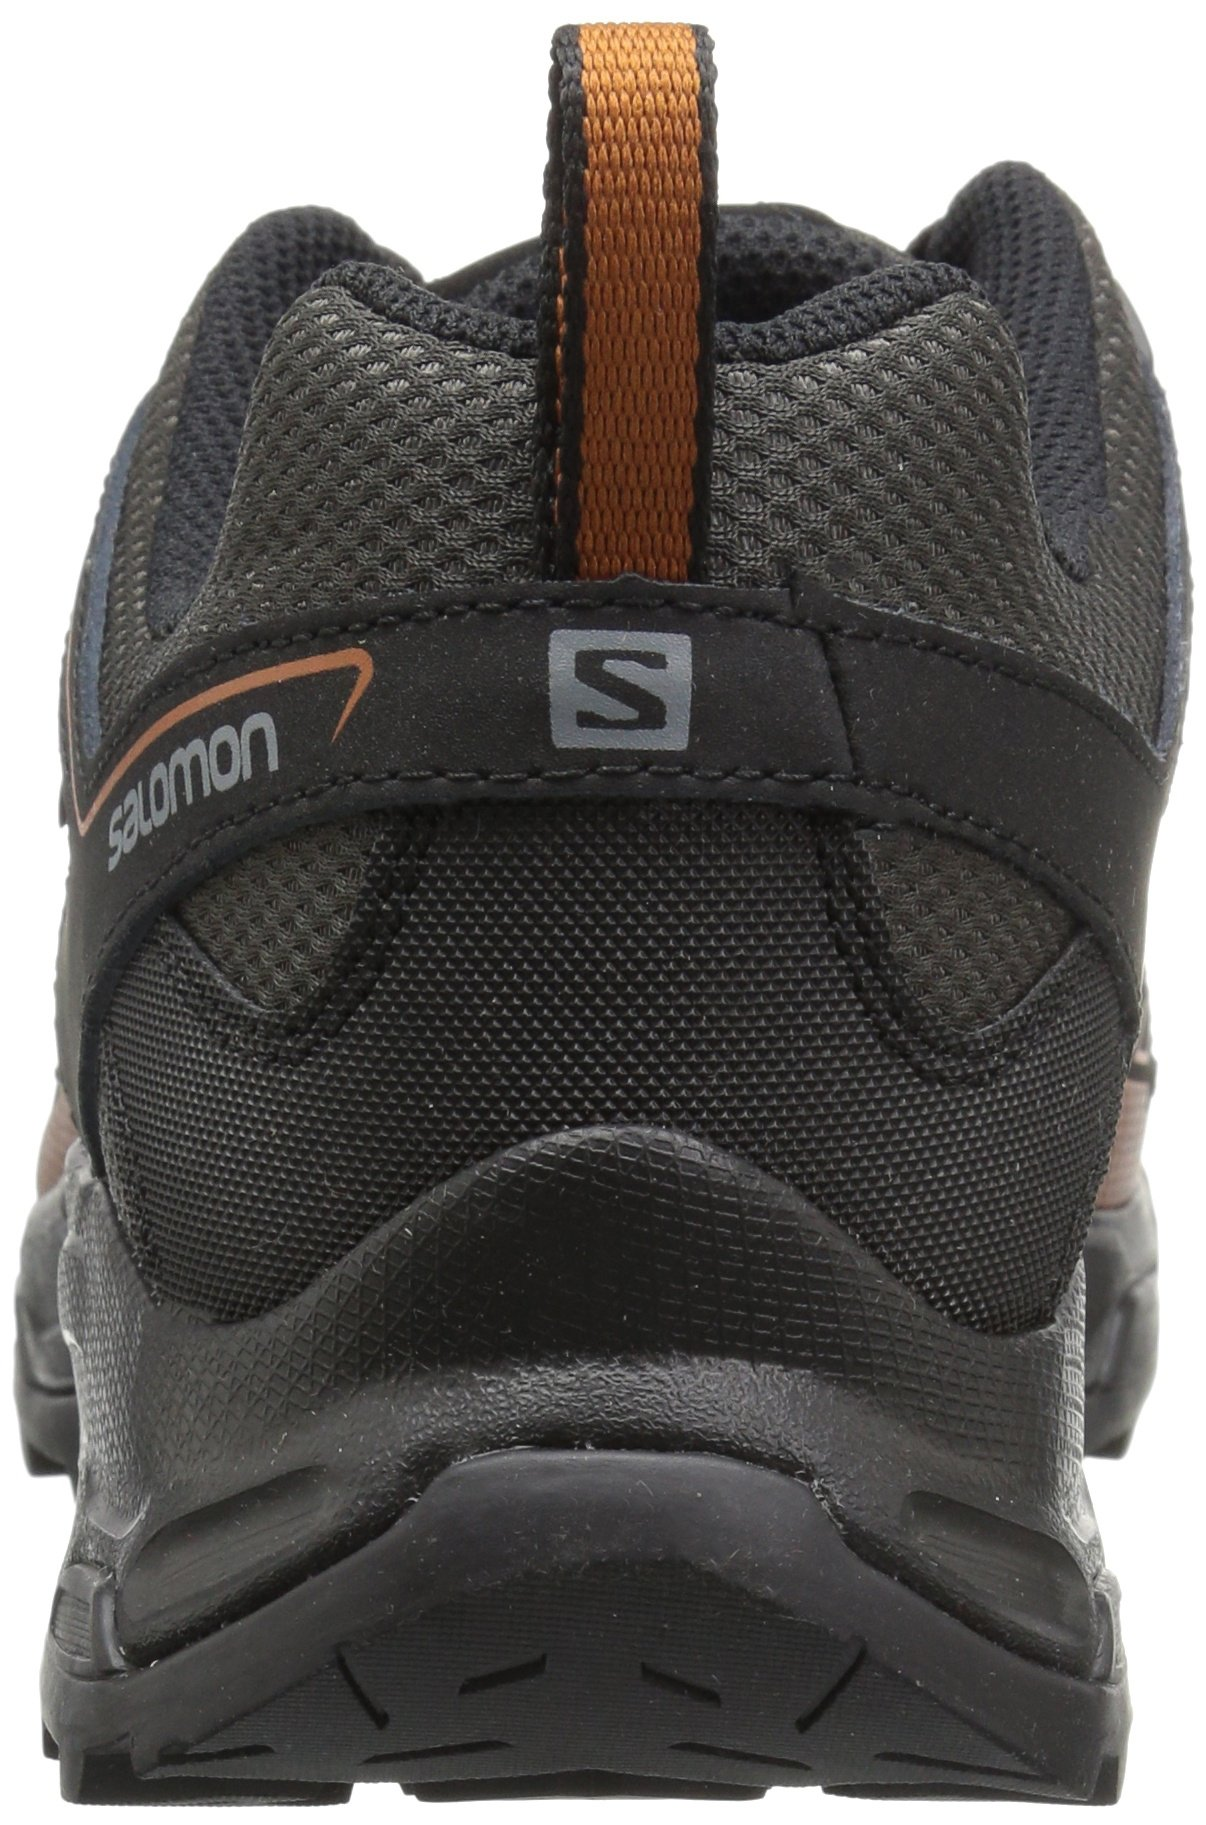 14048b067bd Salomon Men's Pathfinder CSWP M Walking Shoe < Shoes < Clothing ...